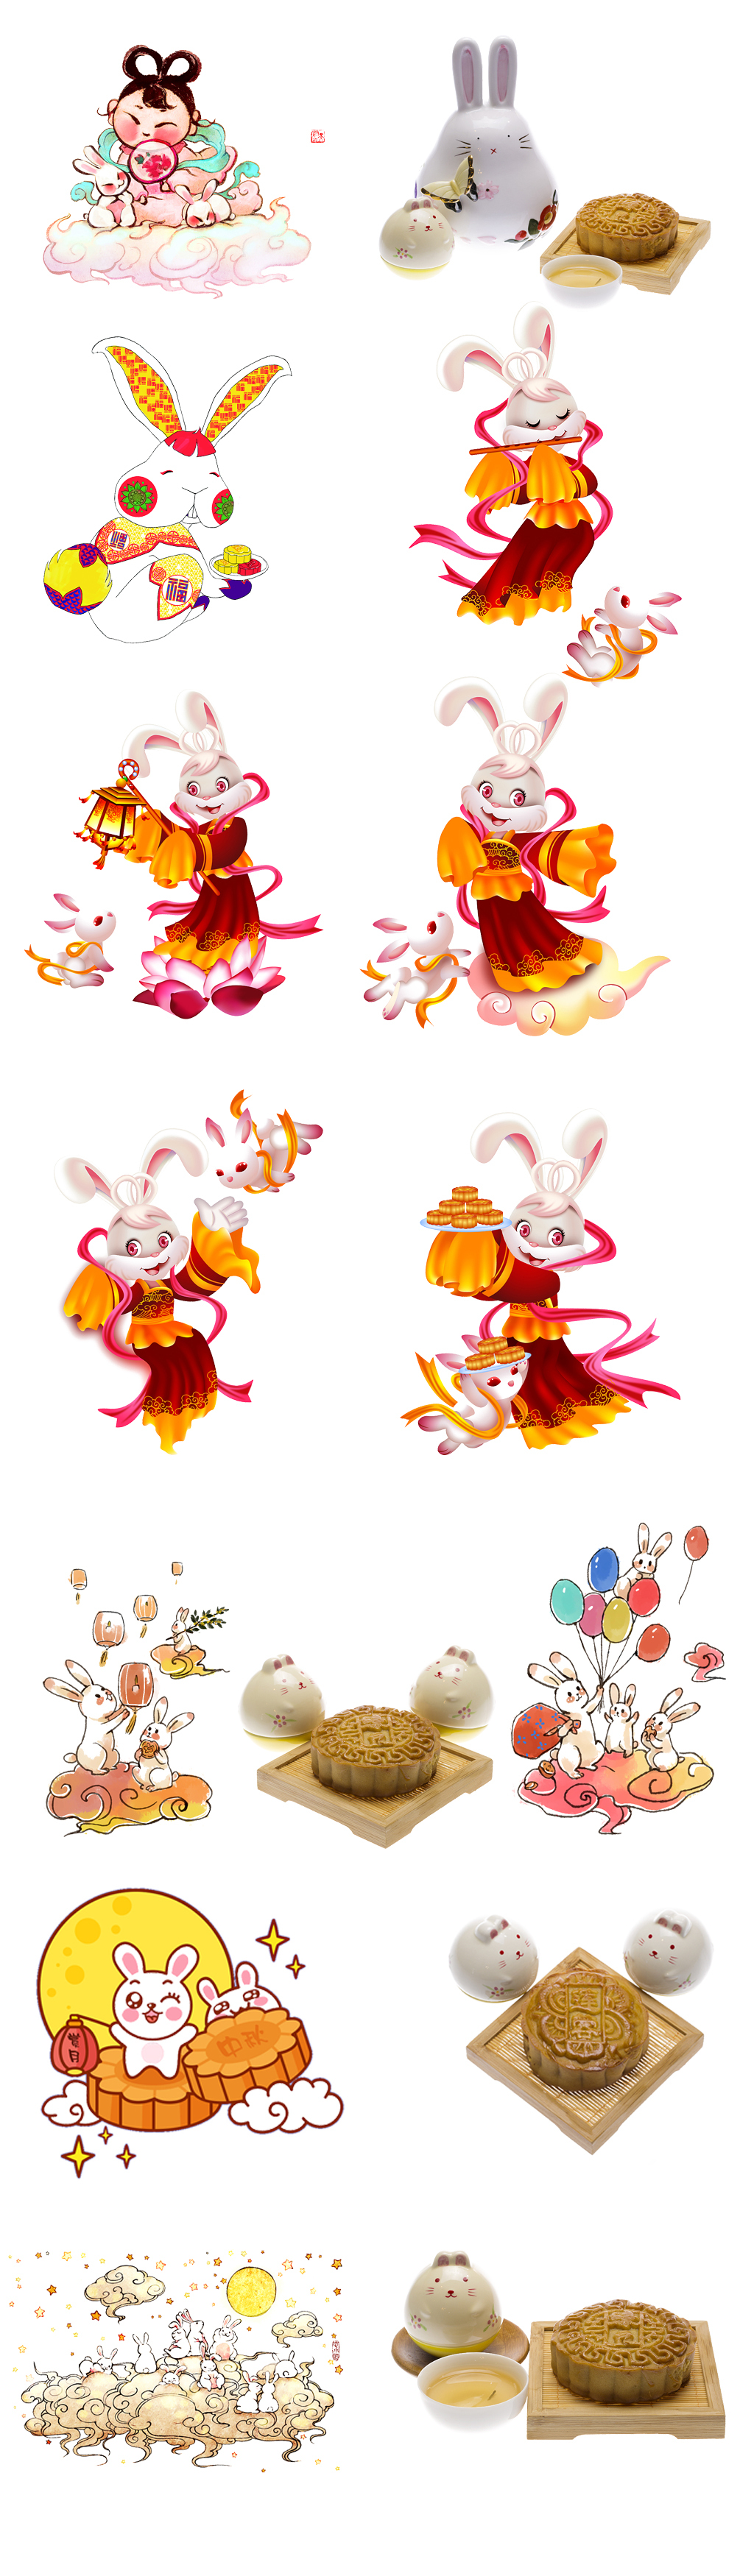 中秋玉兔嫦娥月亮小白兔素材图片设计 高清PSD模板下载 9.48MB QQ